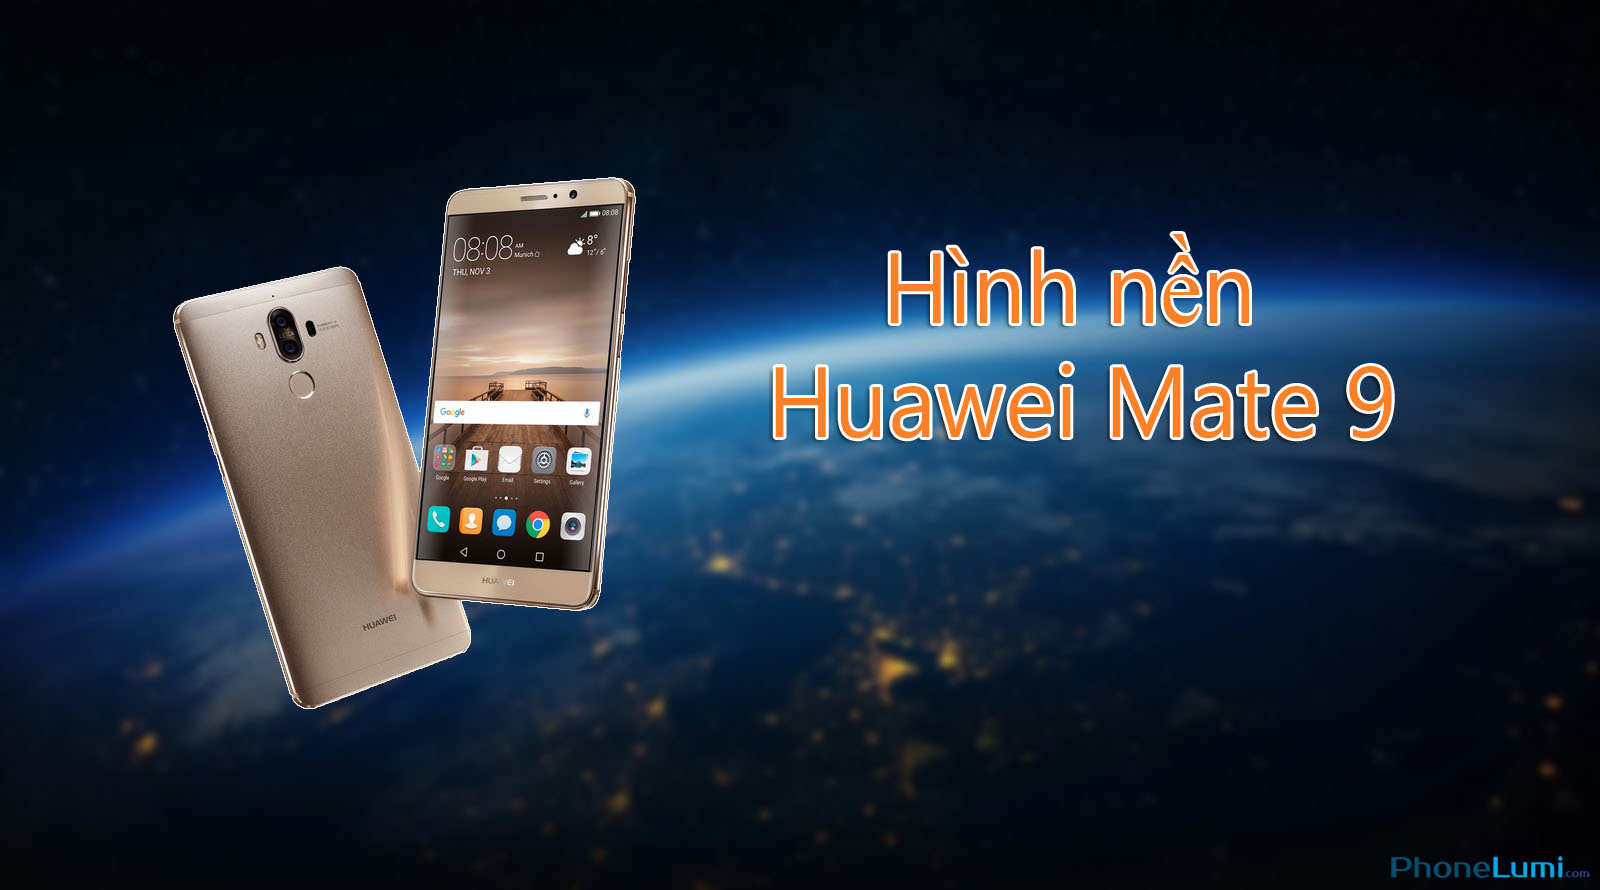 Hình nền chính thức của Huawei Mate 9